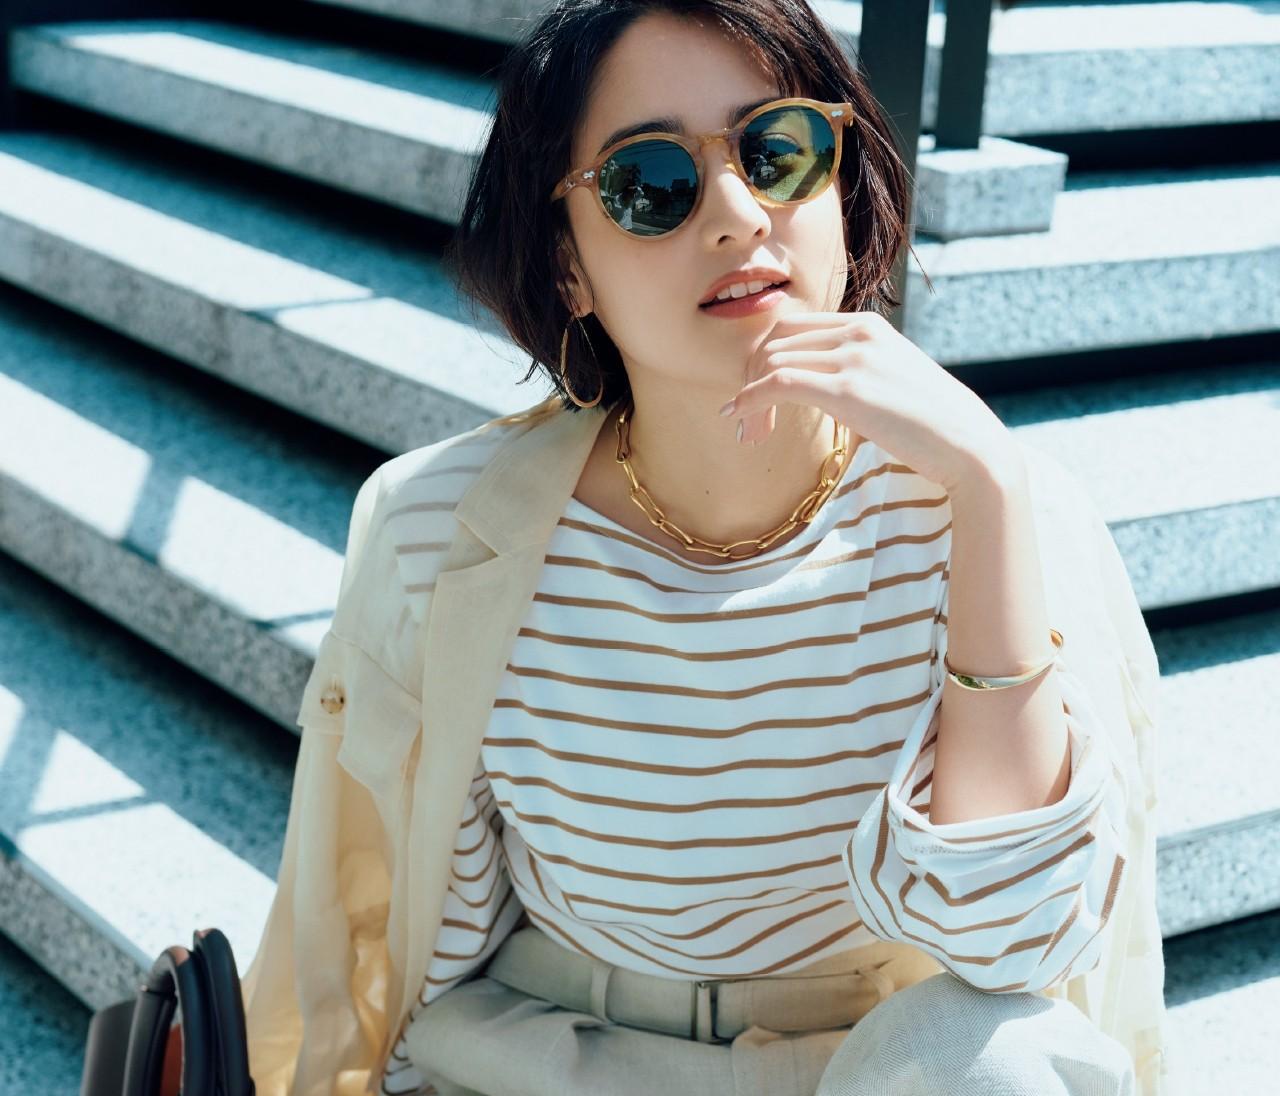 【ボーダーTシャツ】今買うなら、ベージュ&きれい色が狙い目!